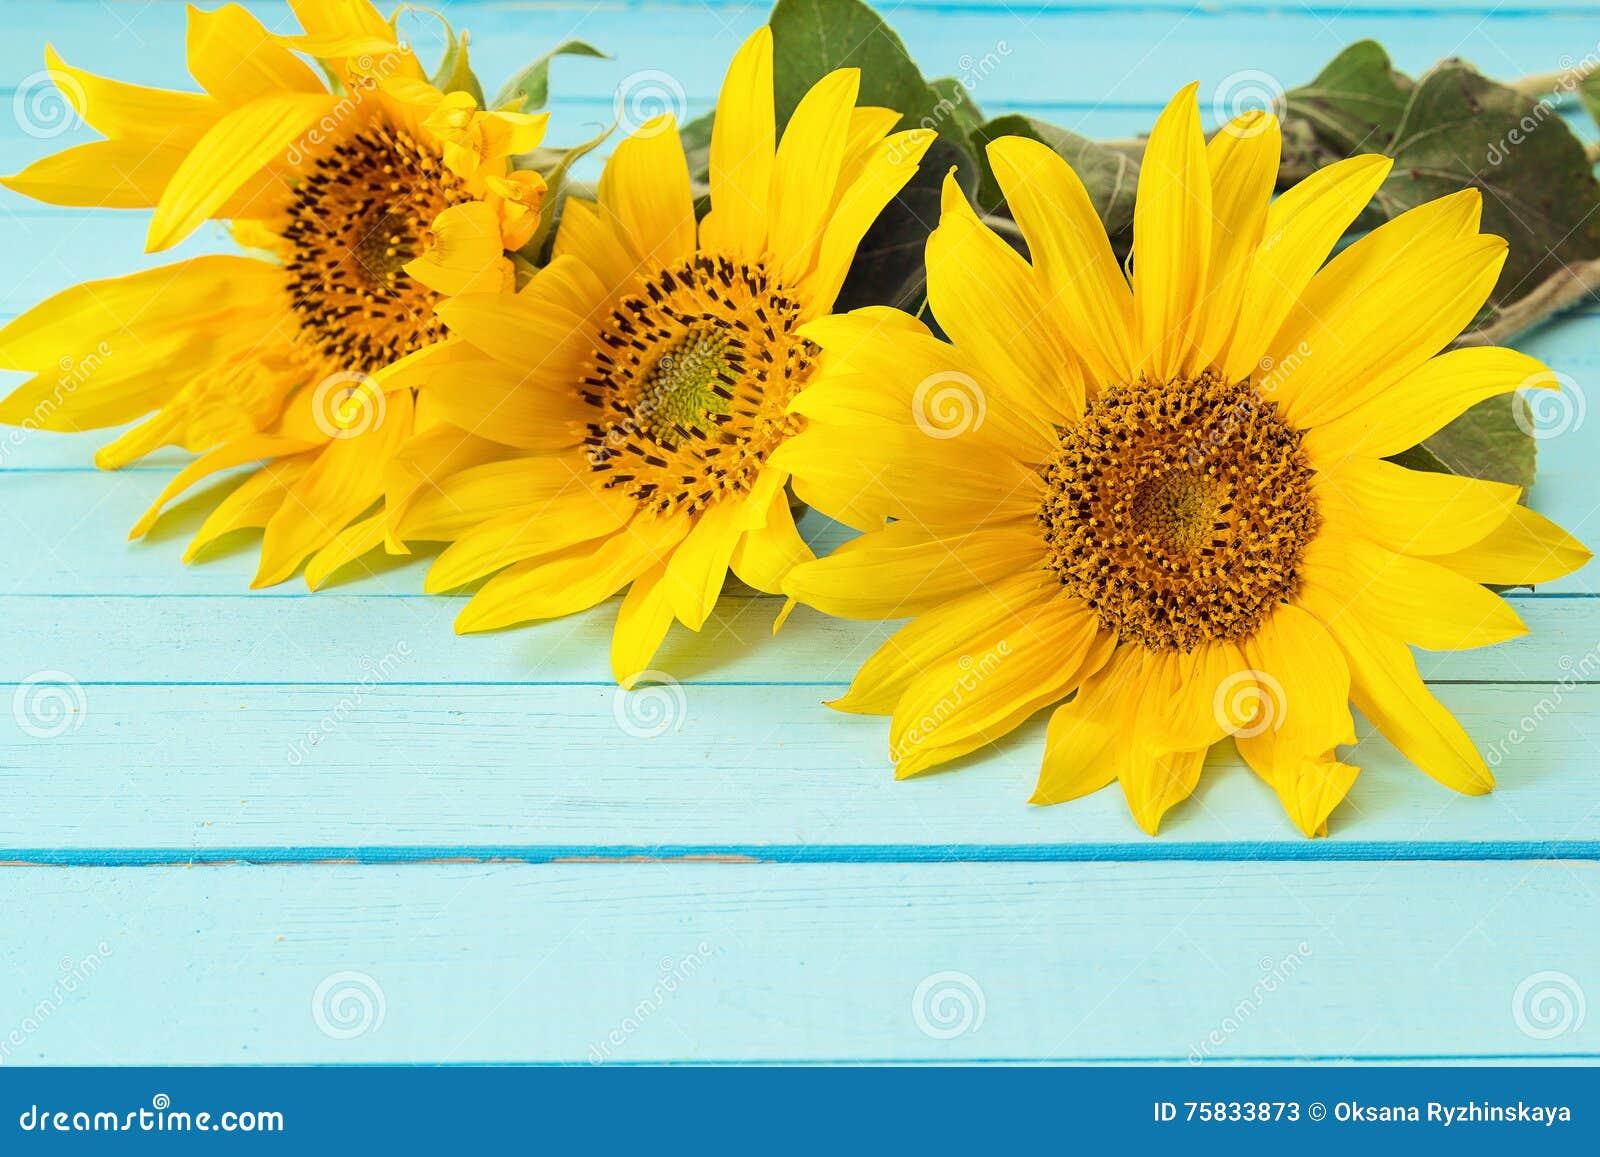 Fondos De Pantalla Fondo De Tablero De Madera De Colores: Girasoles Amarillos En Un Fondo De Tableros De Madera